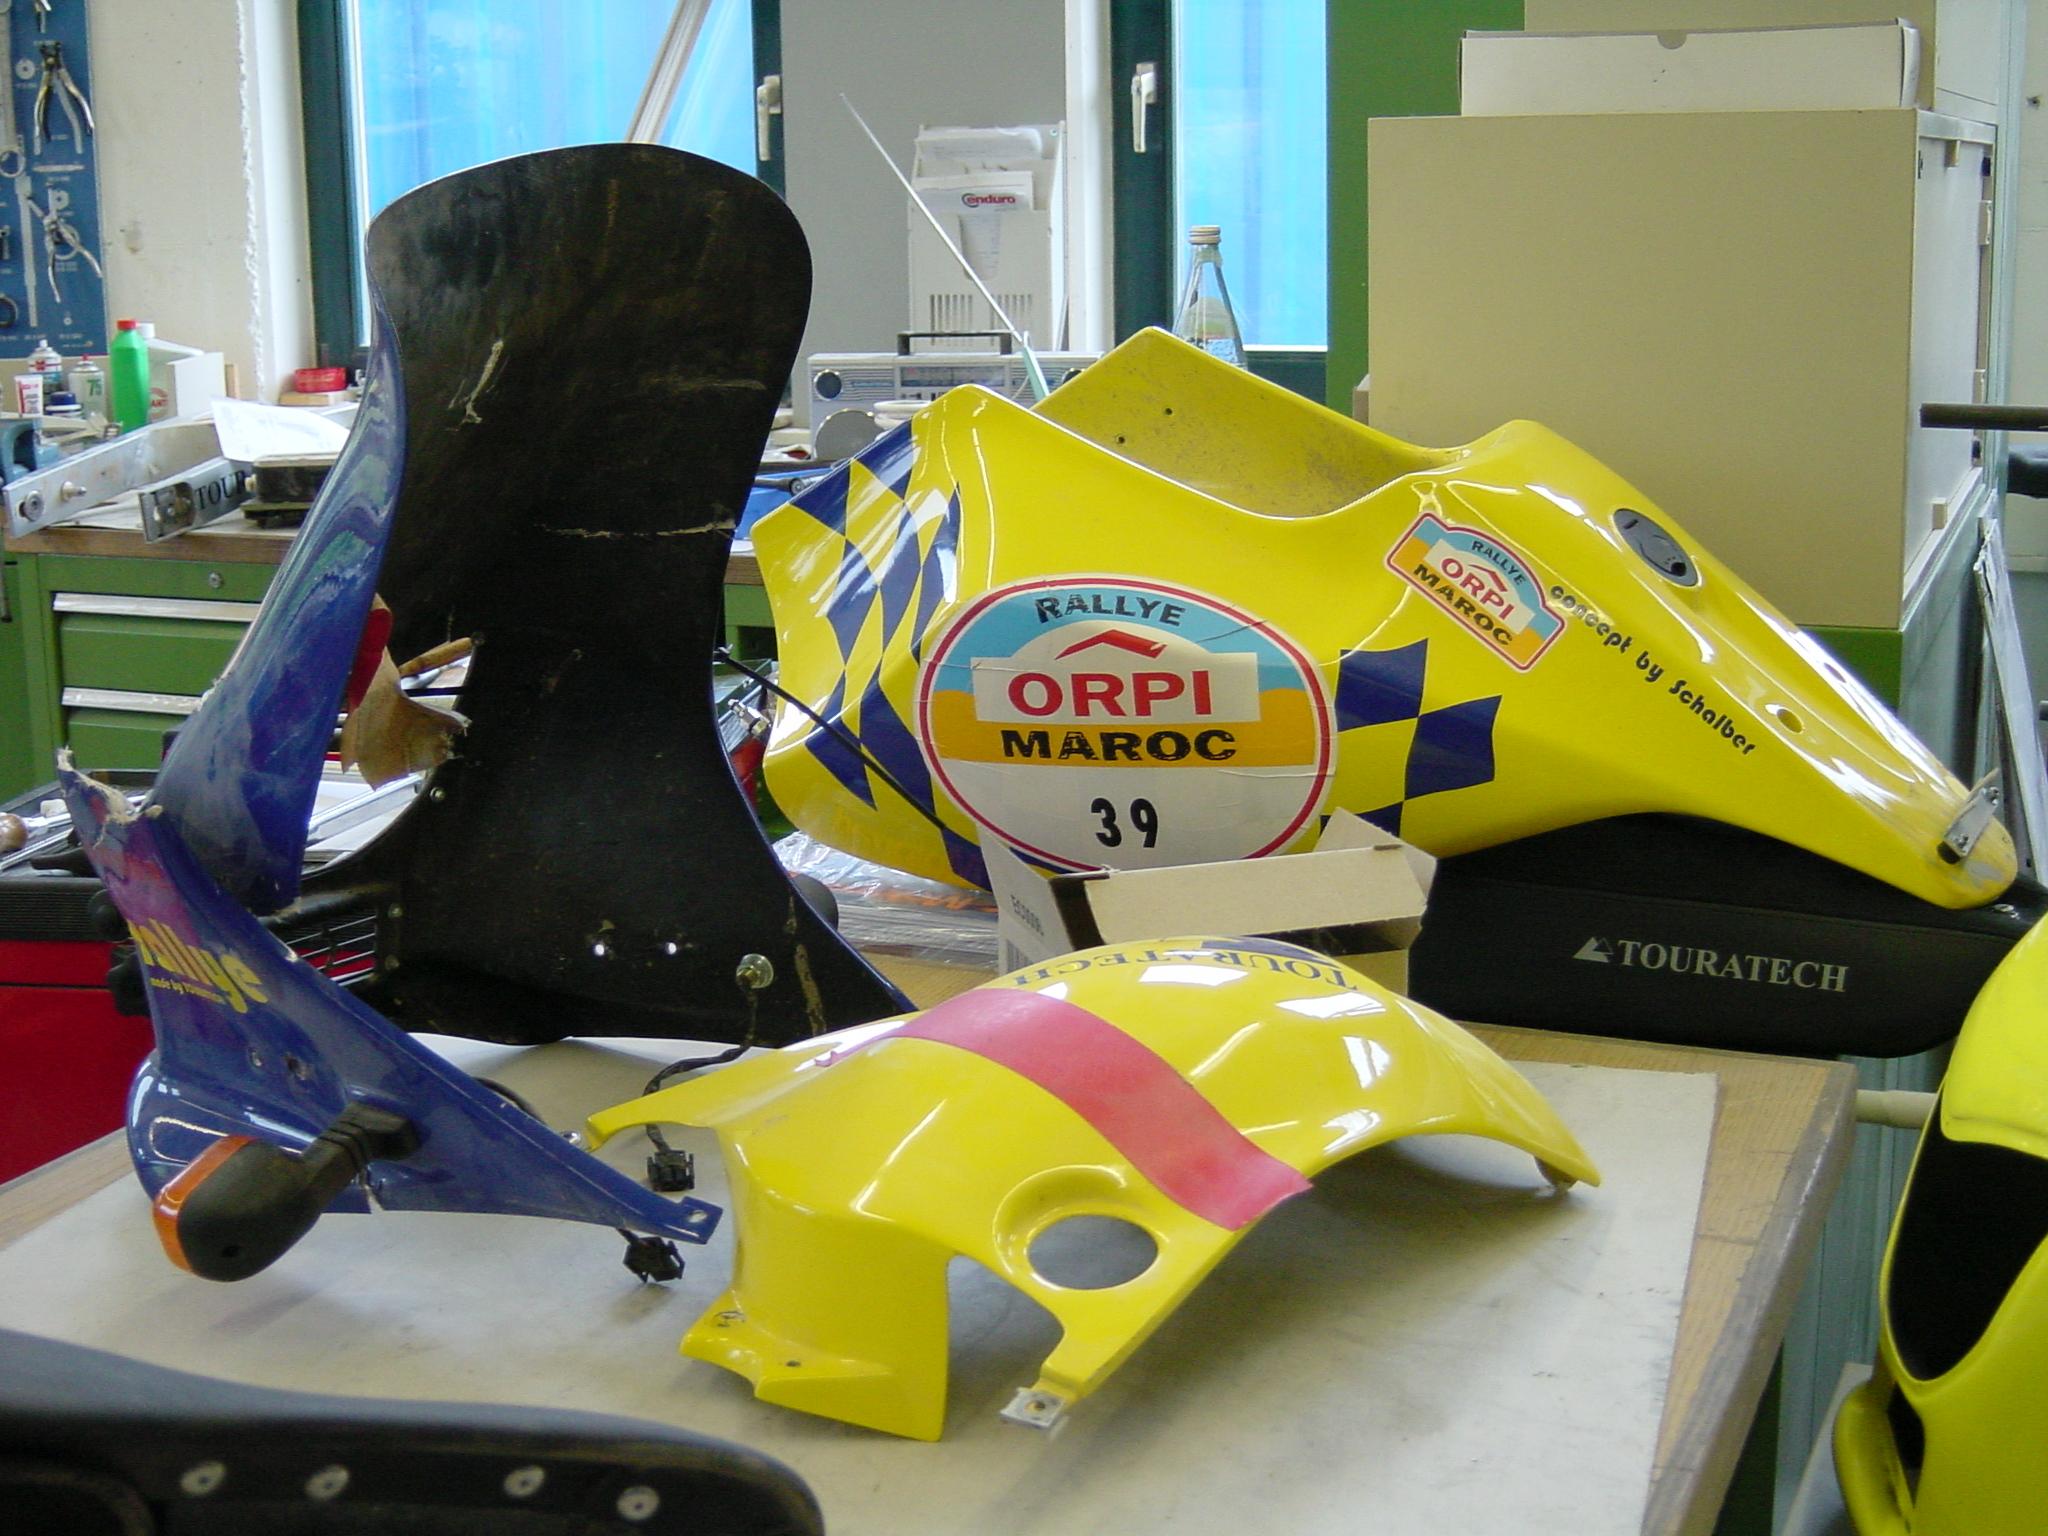 Patrick S Bike Repair